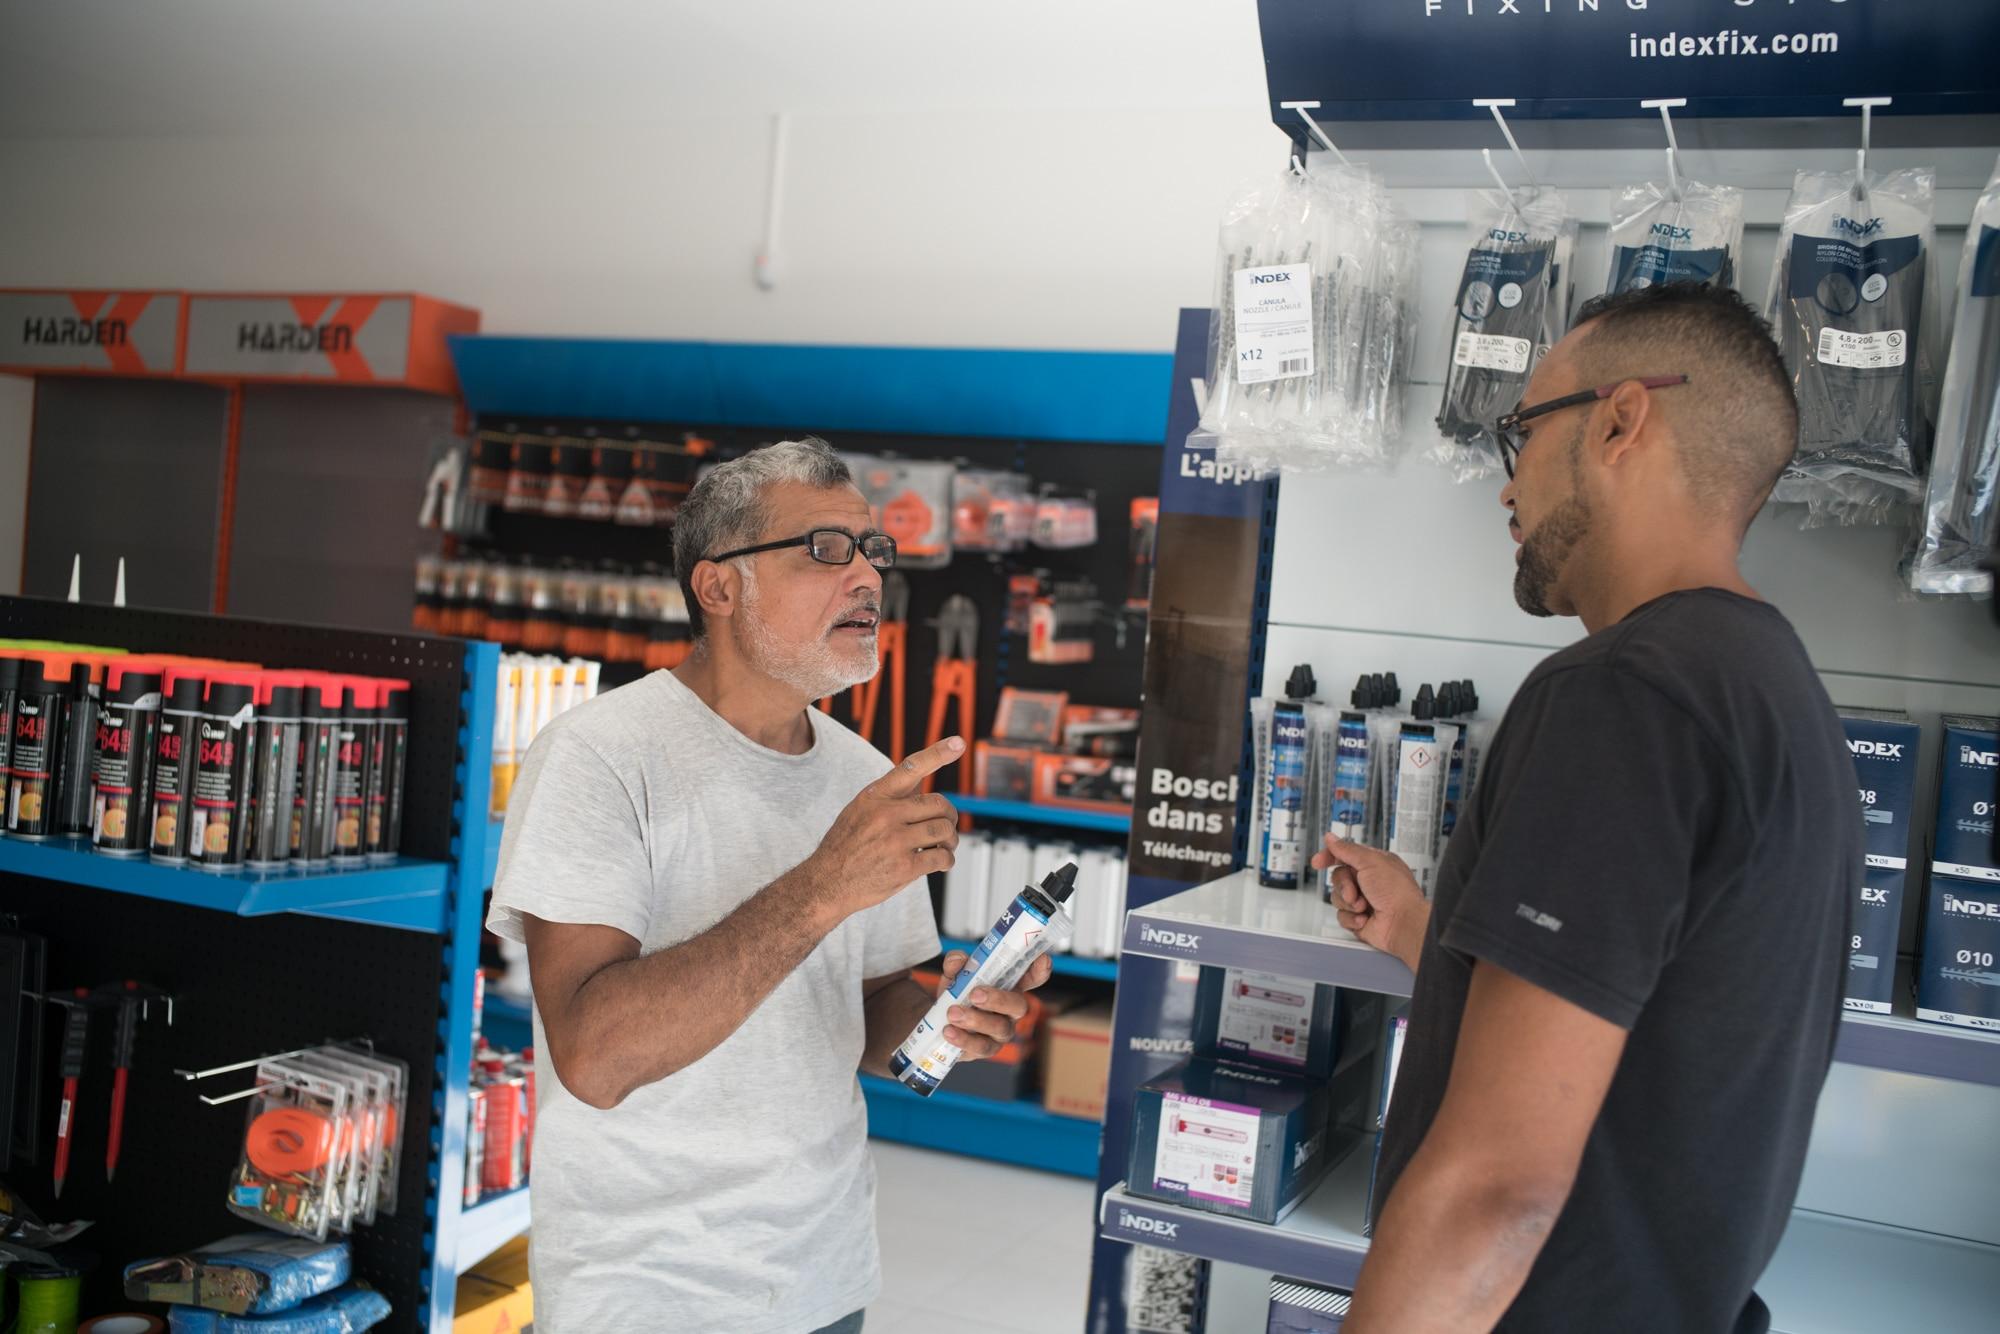 Jean-Claude, un tube à la main, s'adresse à un vendeur dans un magasin de matériaux.